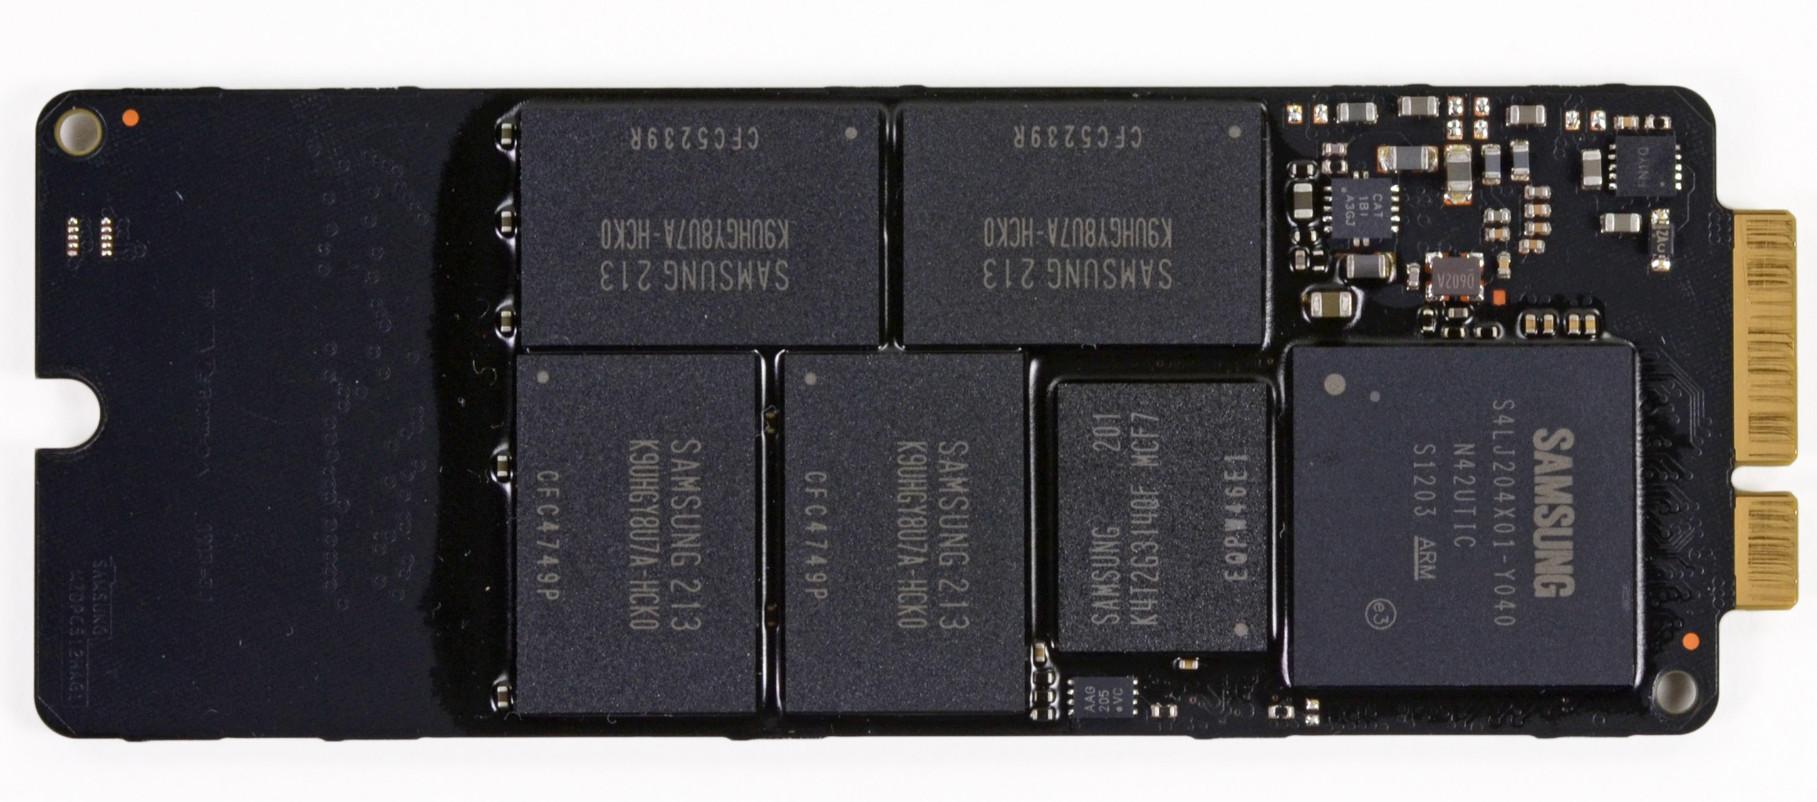 ¿Cómo funciona internamente una SSD? 36